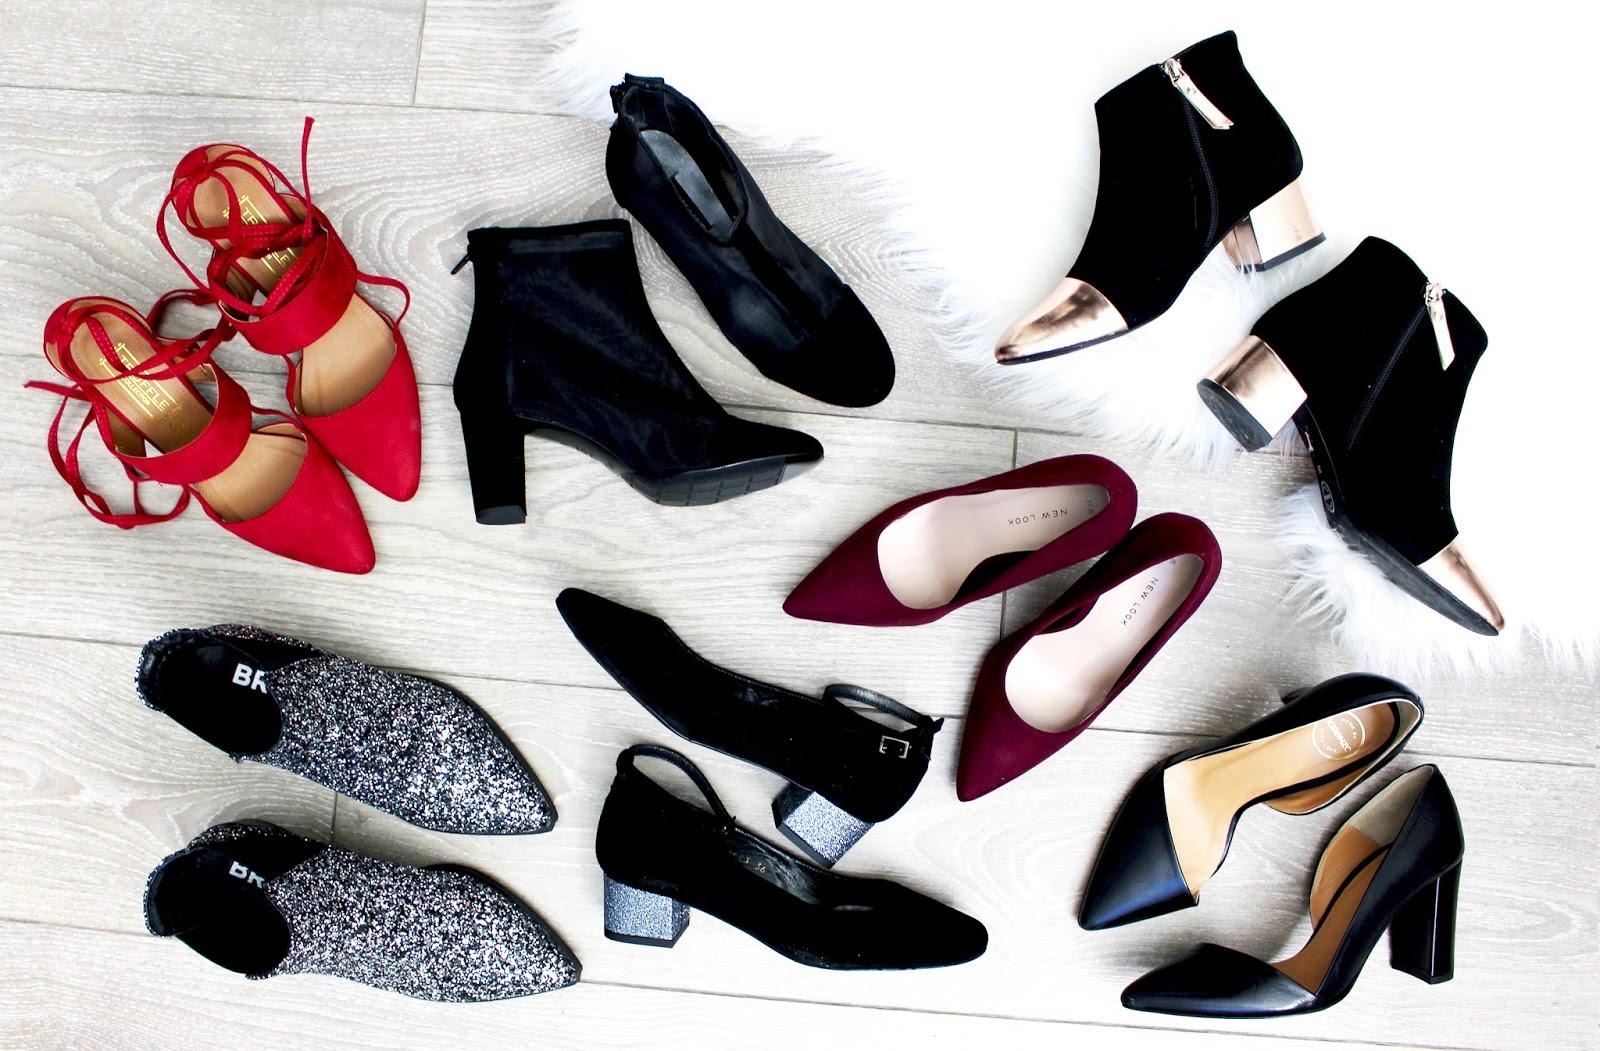 6b3992ac2909f9 Pas de tenues de fête sans chaussures d'exception ! Pour cette semaine  spéciale look de réveillon, je vous présente mes paires préférées, celles  que je suis ...